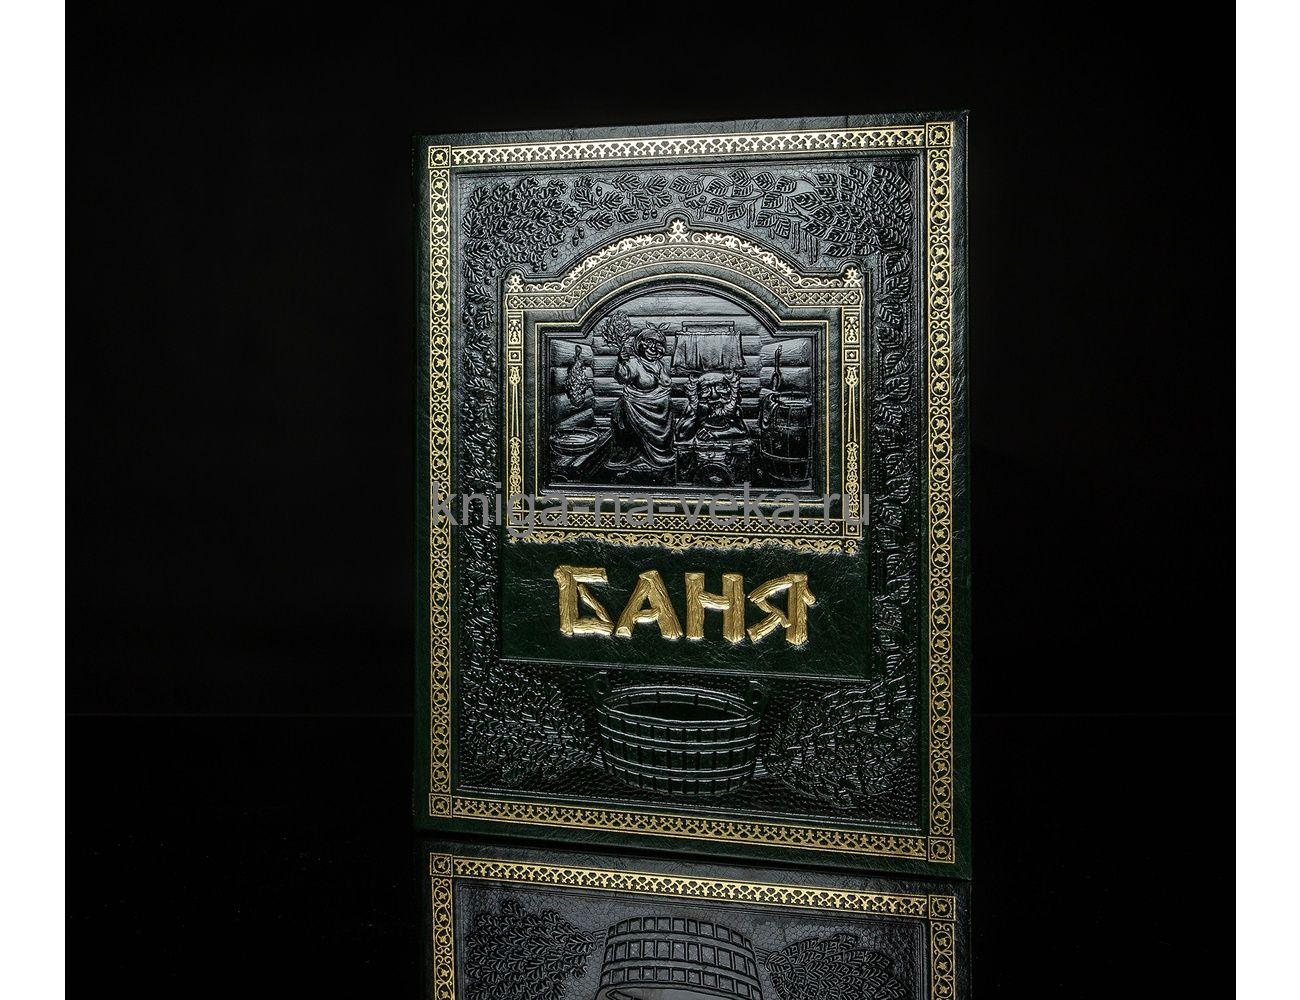 Книга «Баня» в кожаном переплёте с рельефным и барельефным тиснением